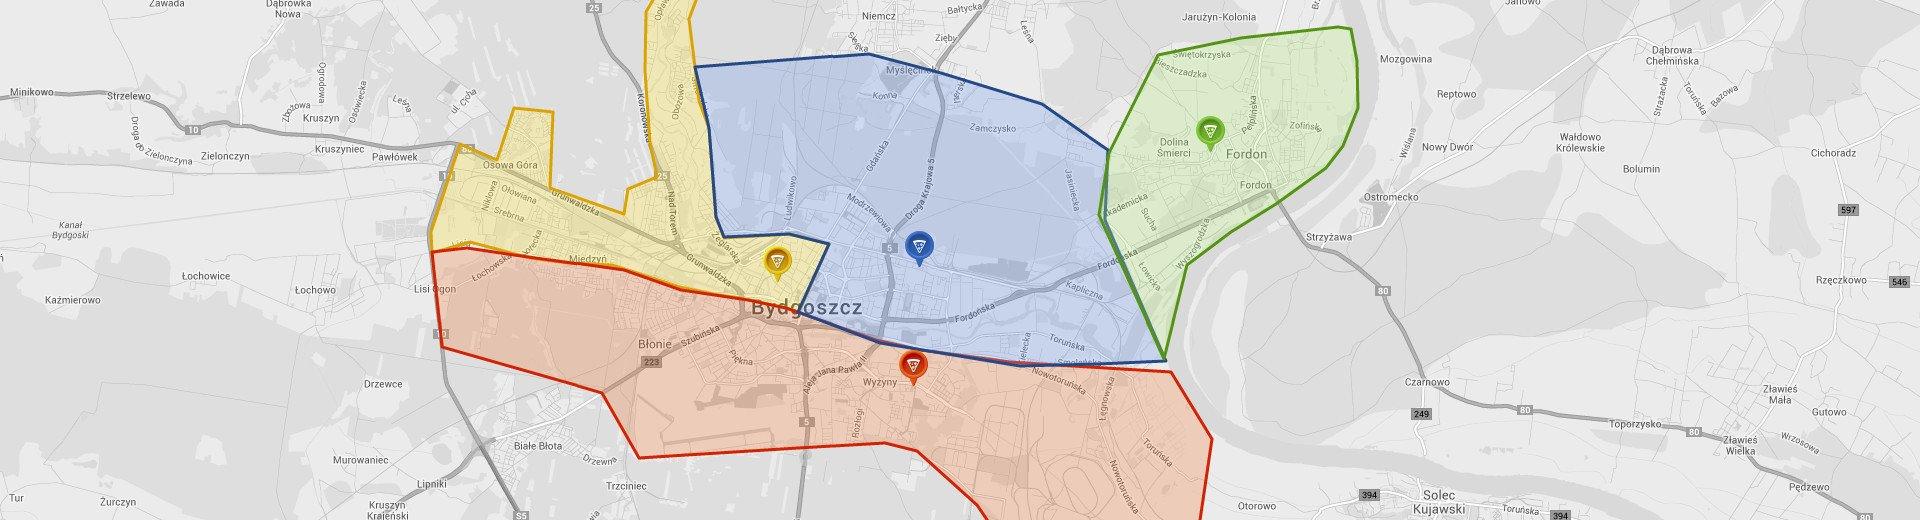 Okładka artykułu Mapa na stronie internetowej — Przy wykorzystaniu Google Maps API